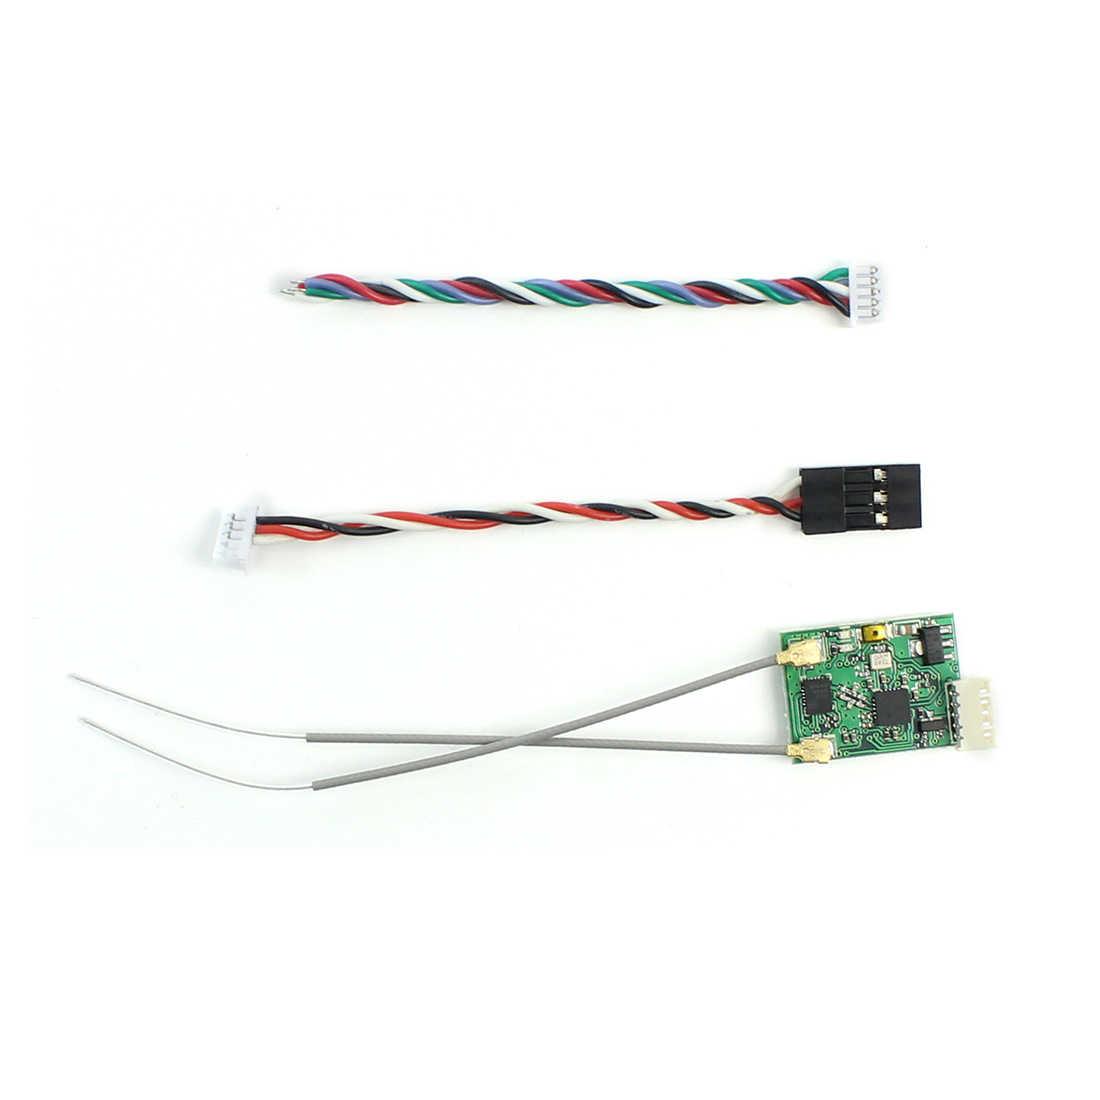 Cavalier R8 R1 récepteur 16CH Sbus pour T16 Pro plus pour Frsky D16 D8 Mode Radio télécommande R8 uniquement pour PIX PX4 APM contrôleur de vol